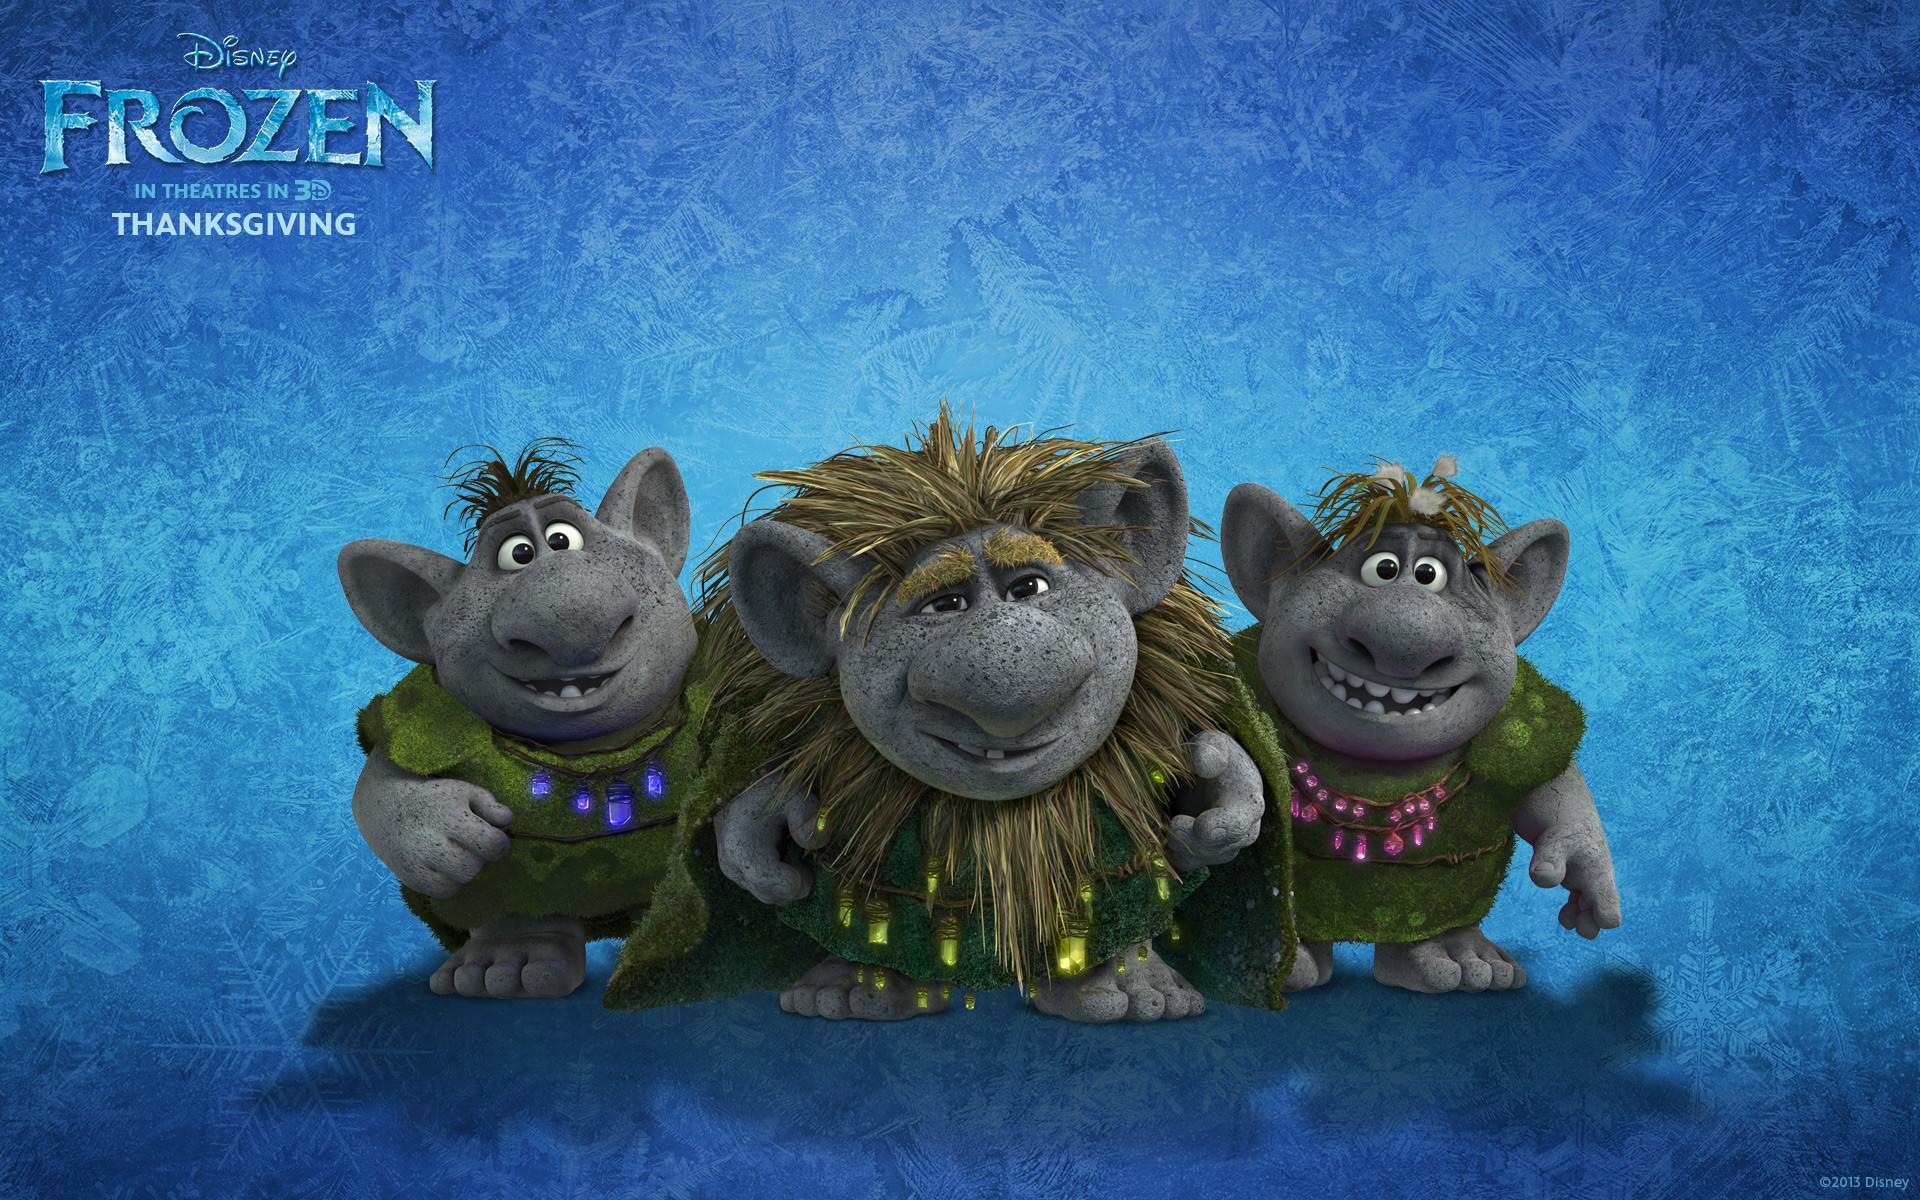 Trolls from Disney's movie Frozen wallpaper